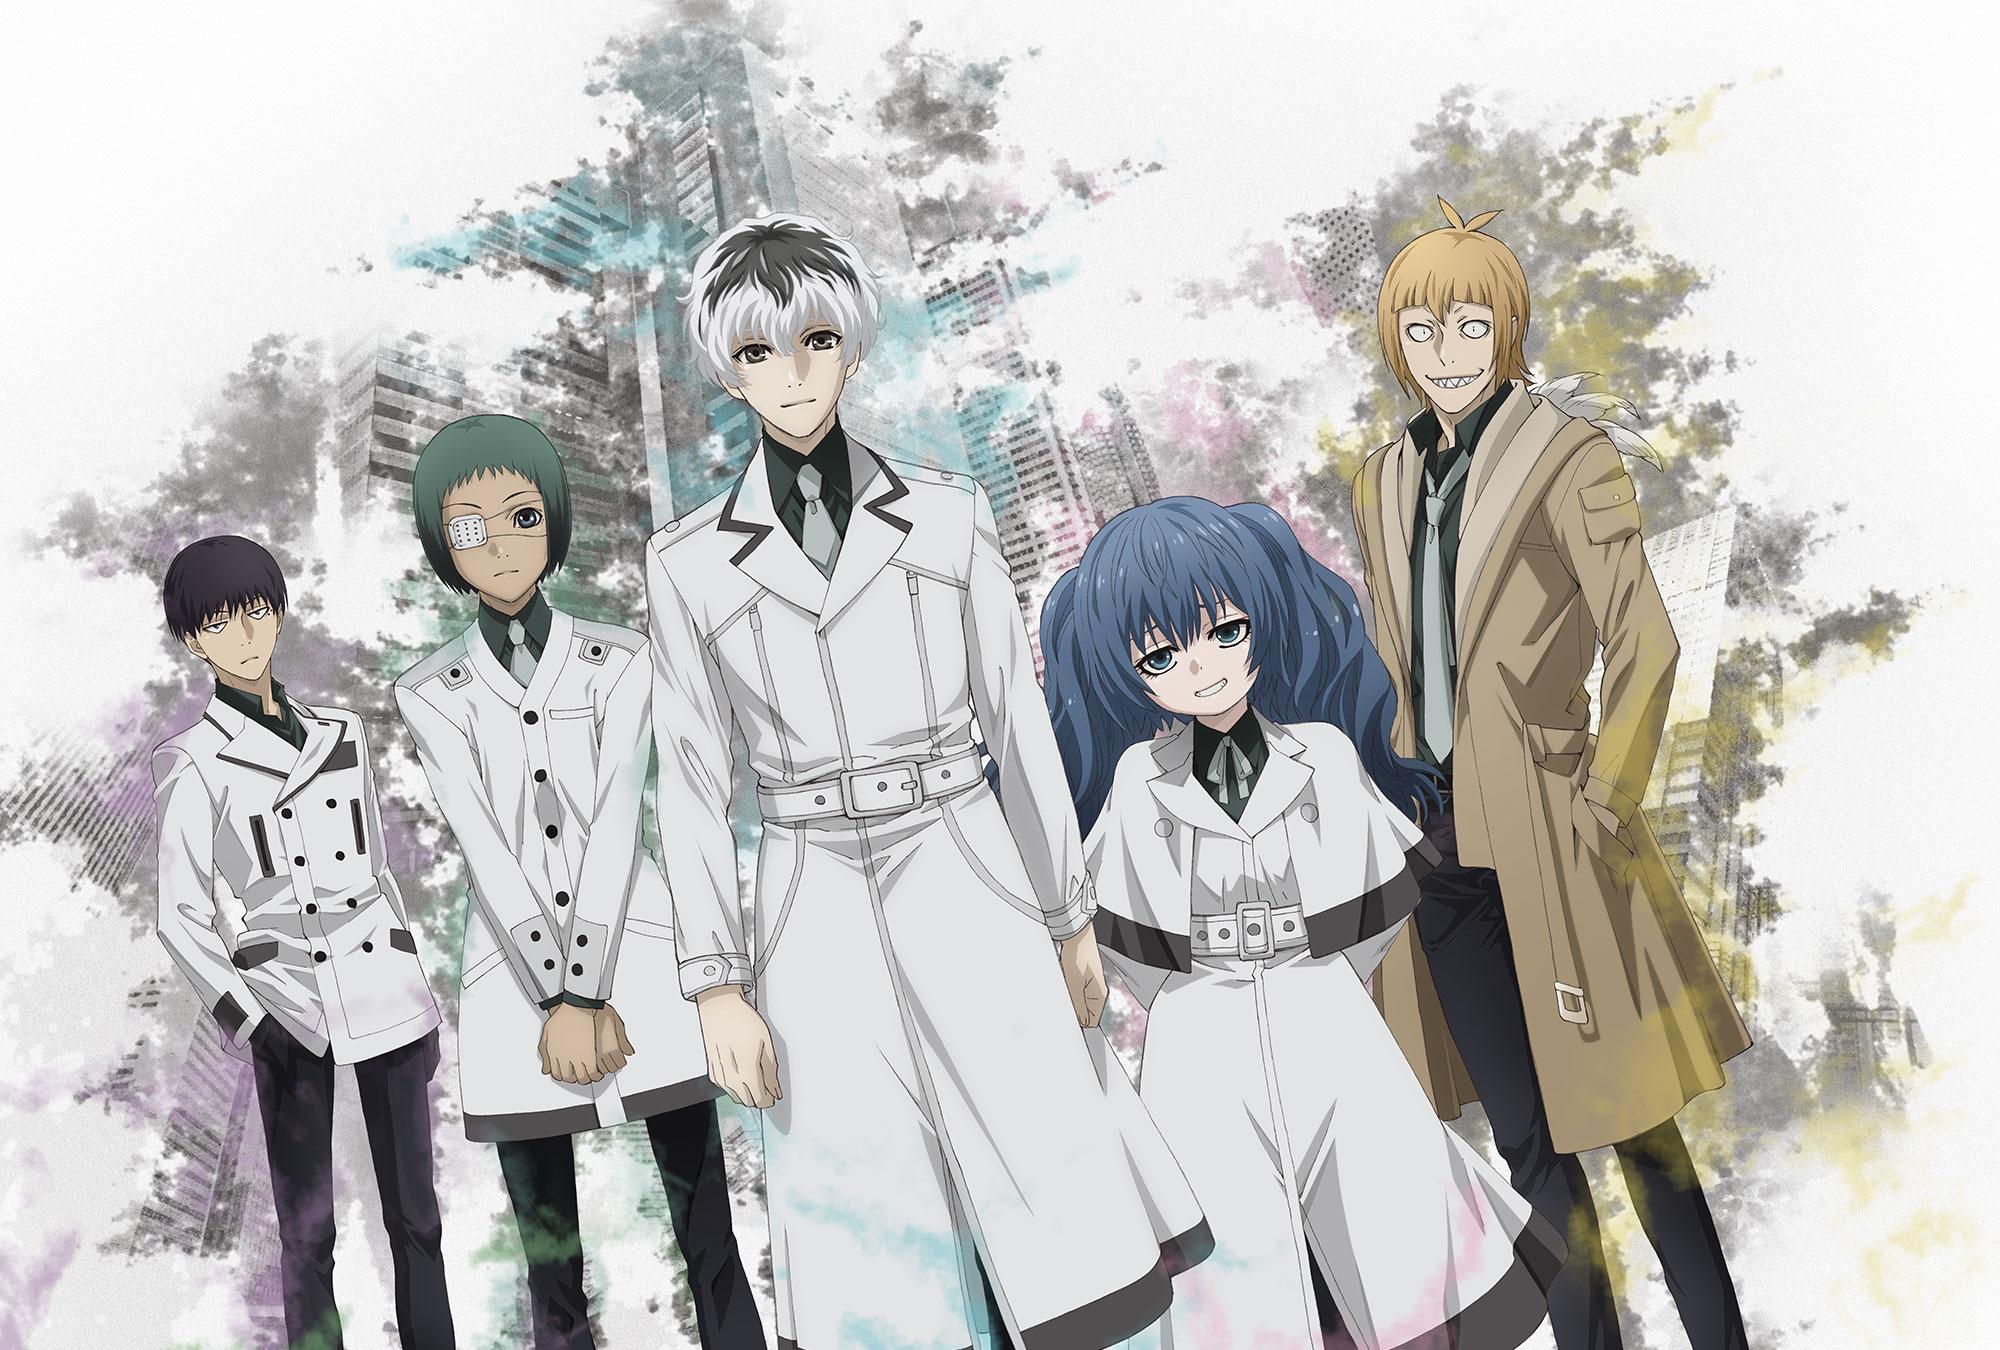 Image Tokyo Ghoul Re Anime Visual 2 Jpg Tokyo Ghoul Wiki